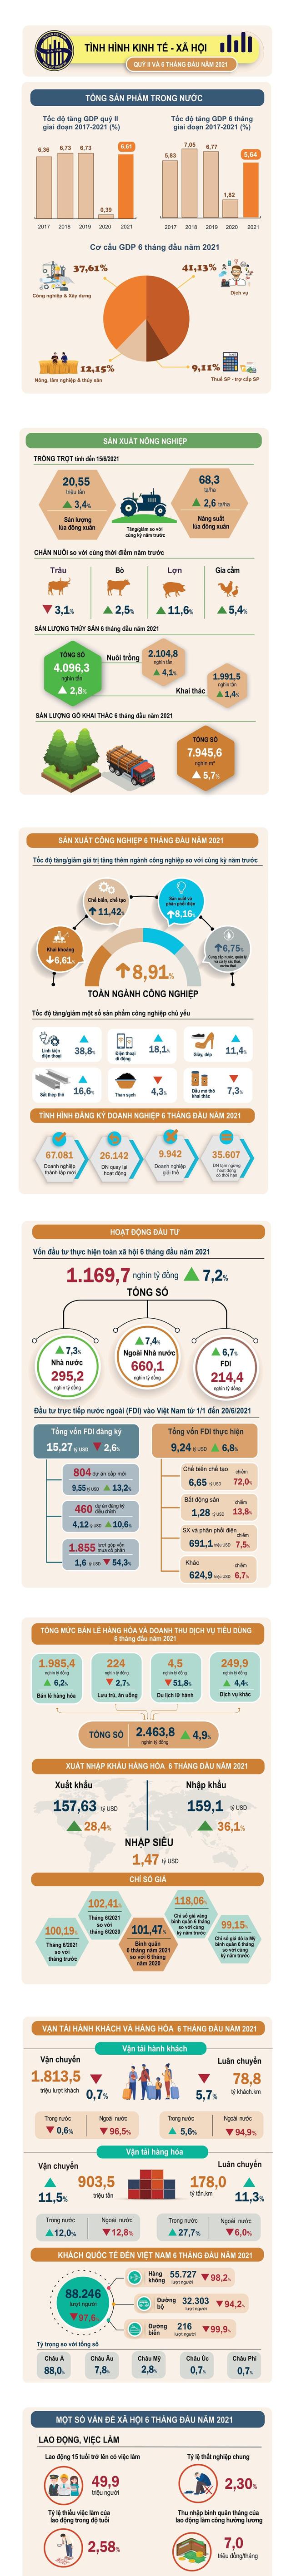 Bức tranh sáng tối kinh tế Việt Nam 6 tháng đầu năm - Ảnh 1.